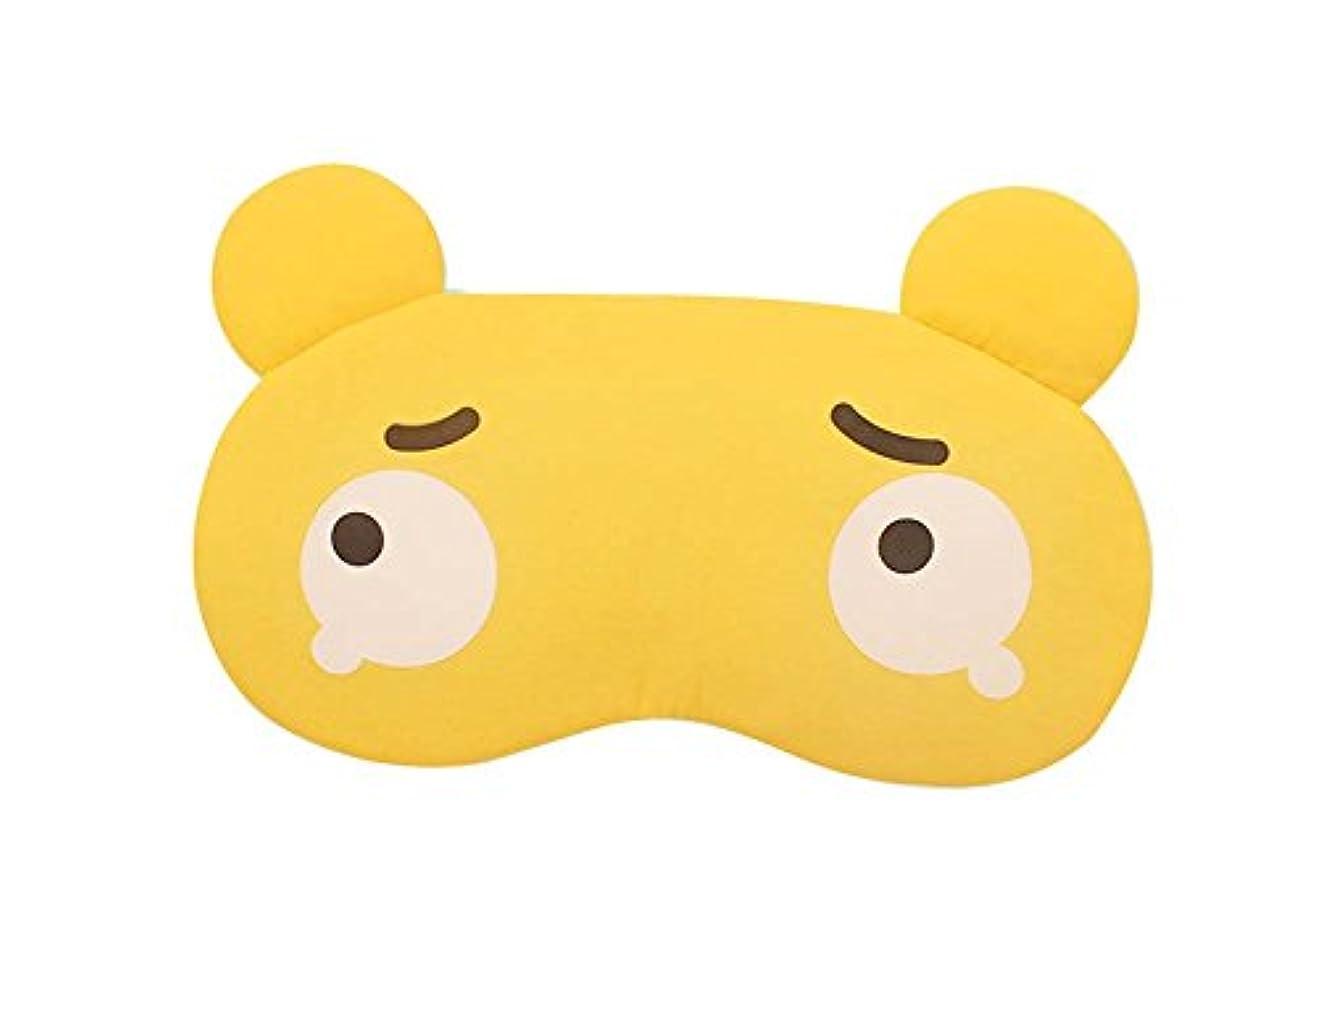 祈り愛されし者旋律的黄色の泣きかわいい睡眠アイマスク快適なアイカバー通気性のあるアイシェード